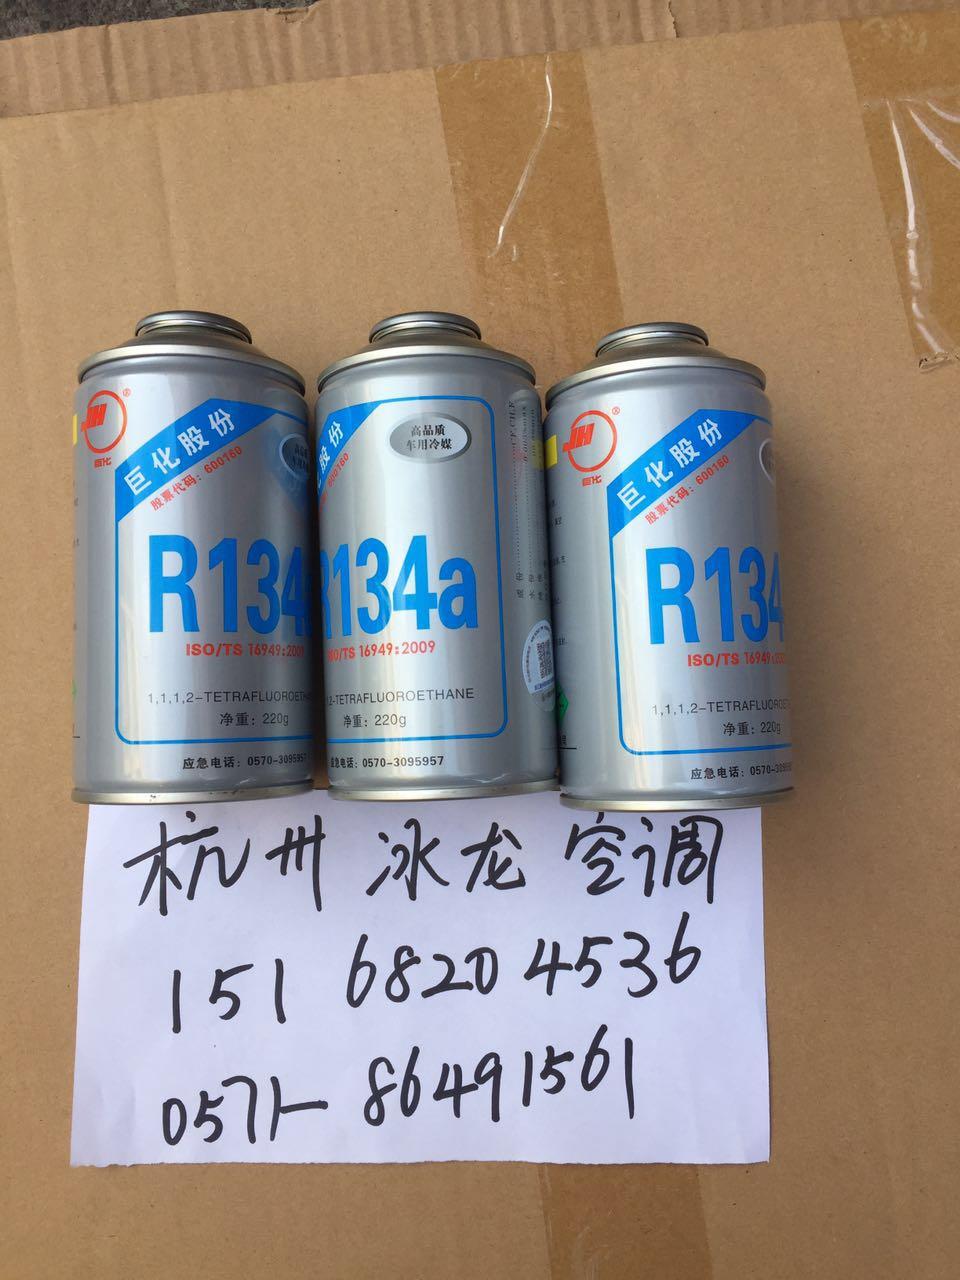 Juhua 220GR134A kältemittel juhua R134a kältemittel für auto - kältemittel juhua.